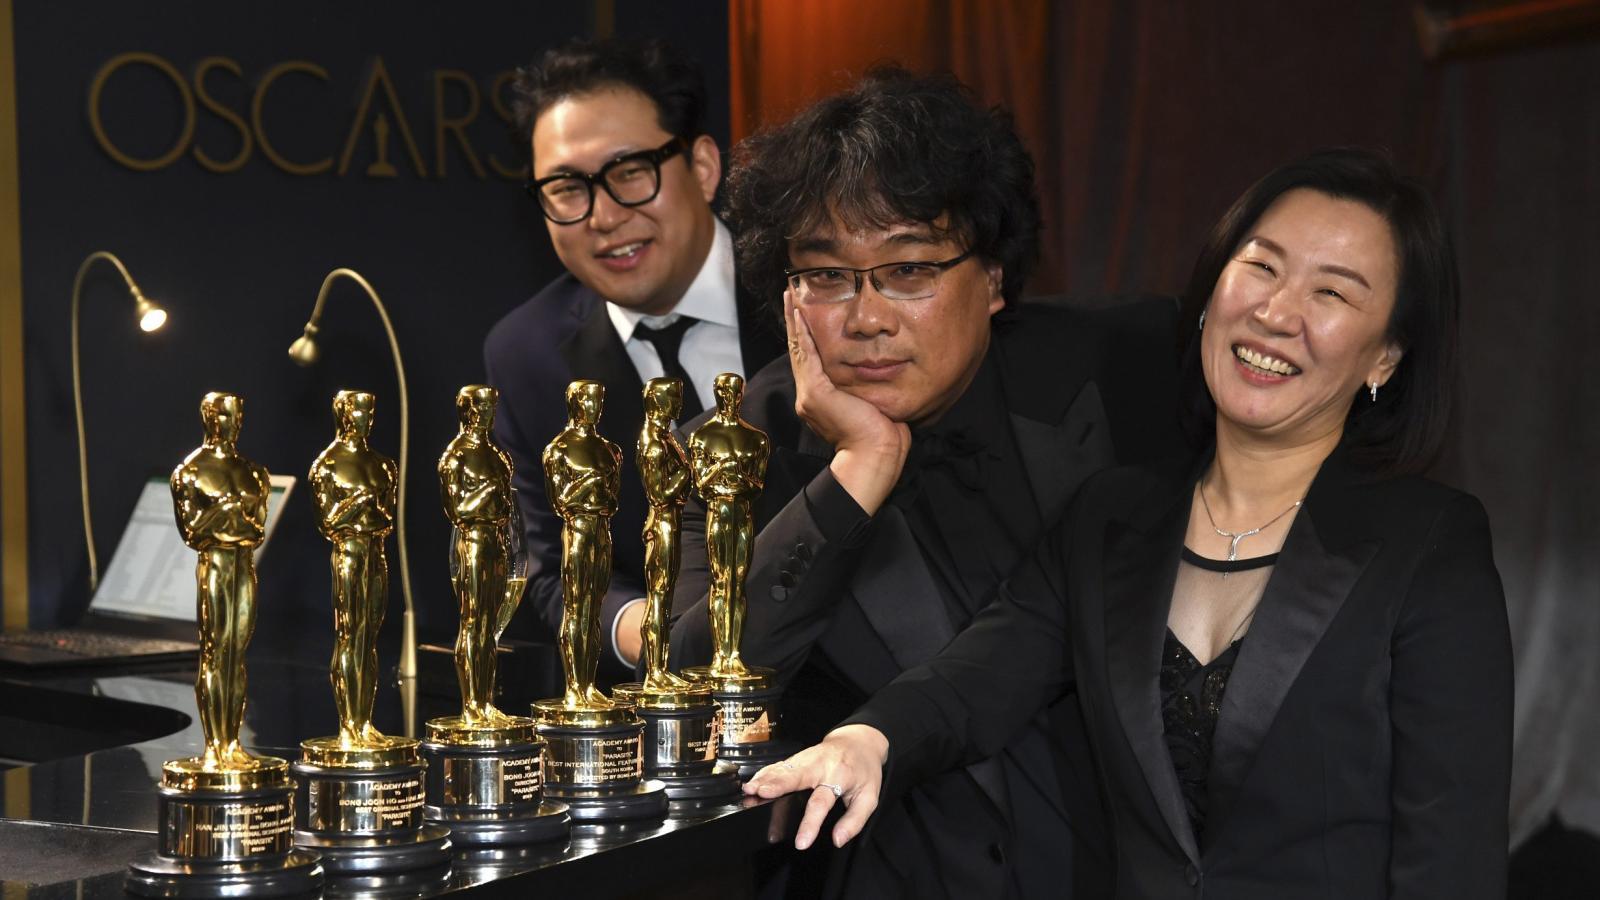 Sau kỳ tích Kí Sinh Trùng, điện ảnh Hàn Quốc bỏ lỡ cơ hội cất cánh vì COVID-19 - Ảnh 1.